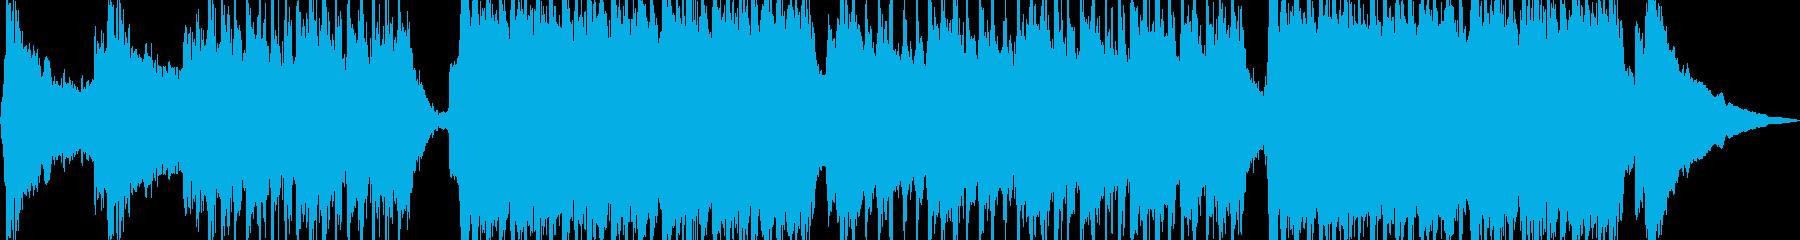 強いスタイリッシュなロックの再生済みの波形